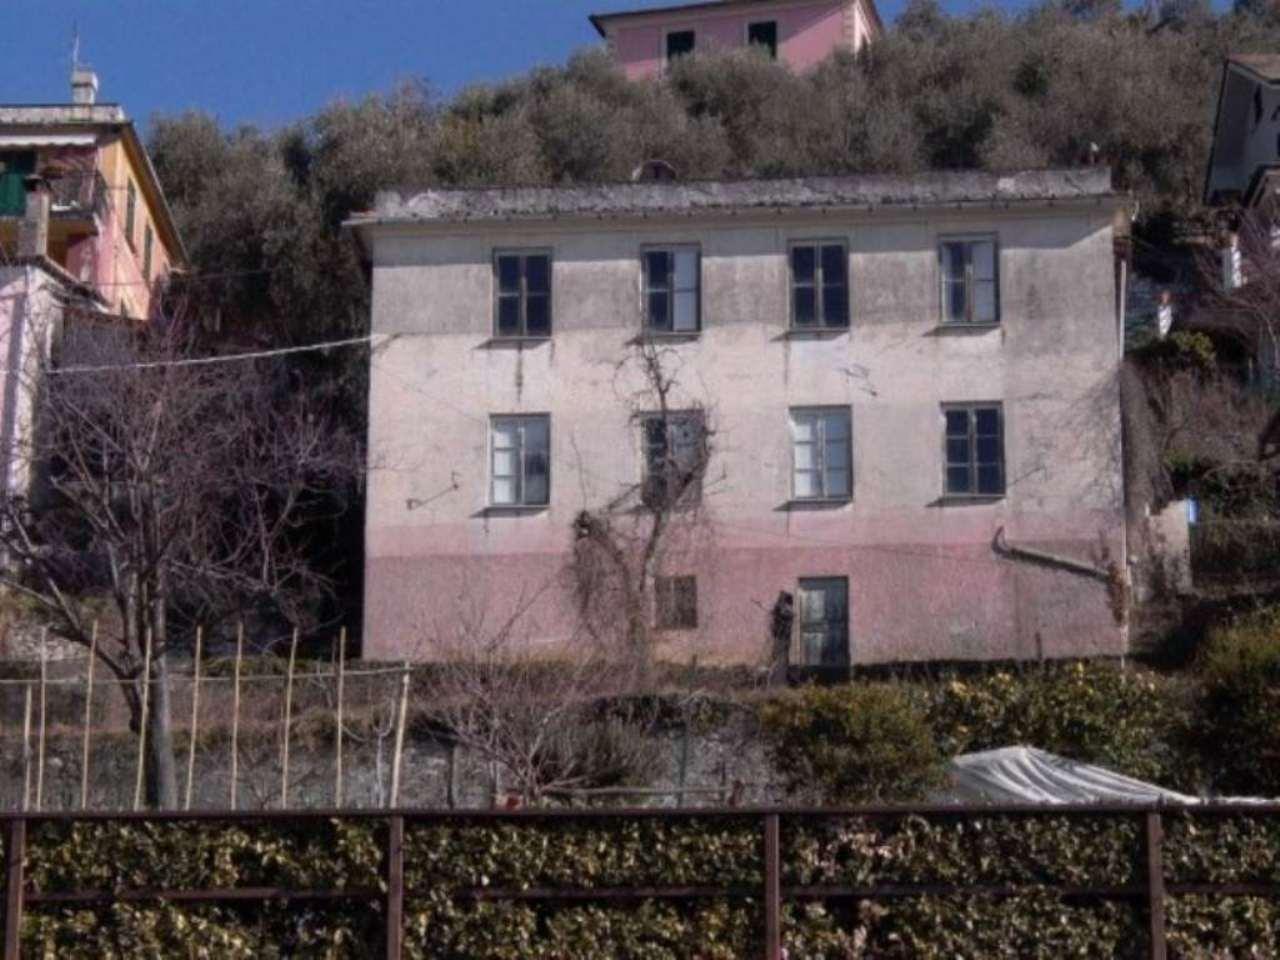 Rustico / Casale in vendita a Chiavari, 6 locali, prezzo € 590.000 | Cambio Casa.it